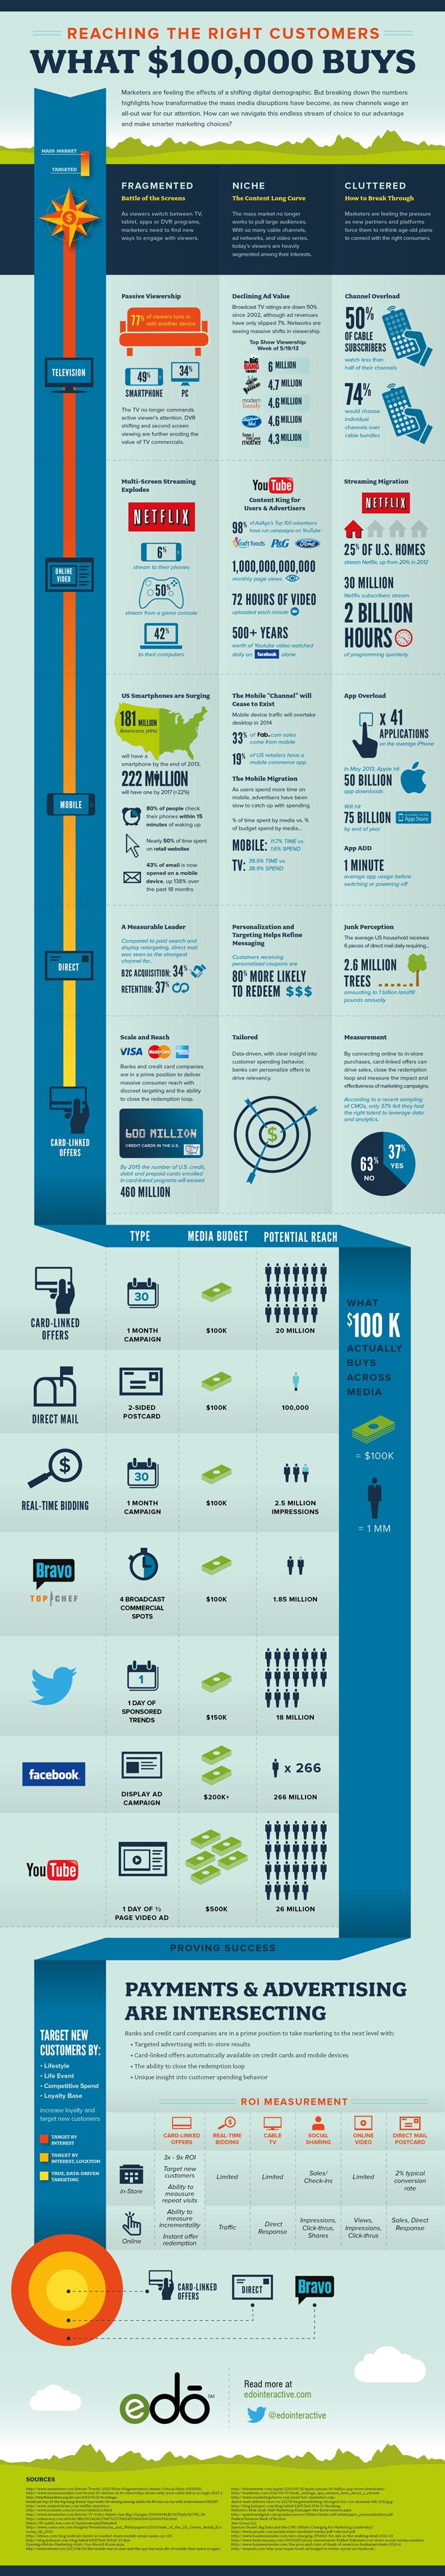 edo media landscape infographic